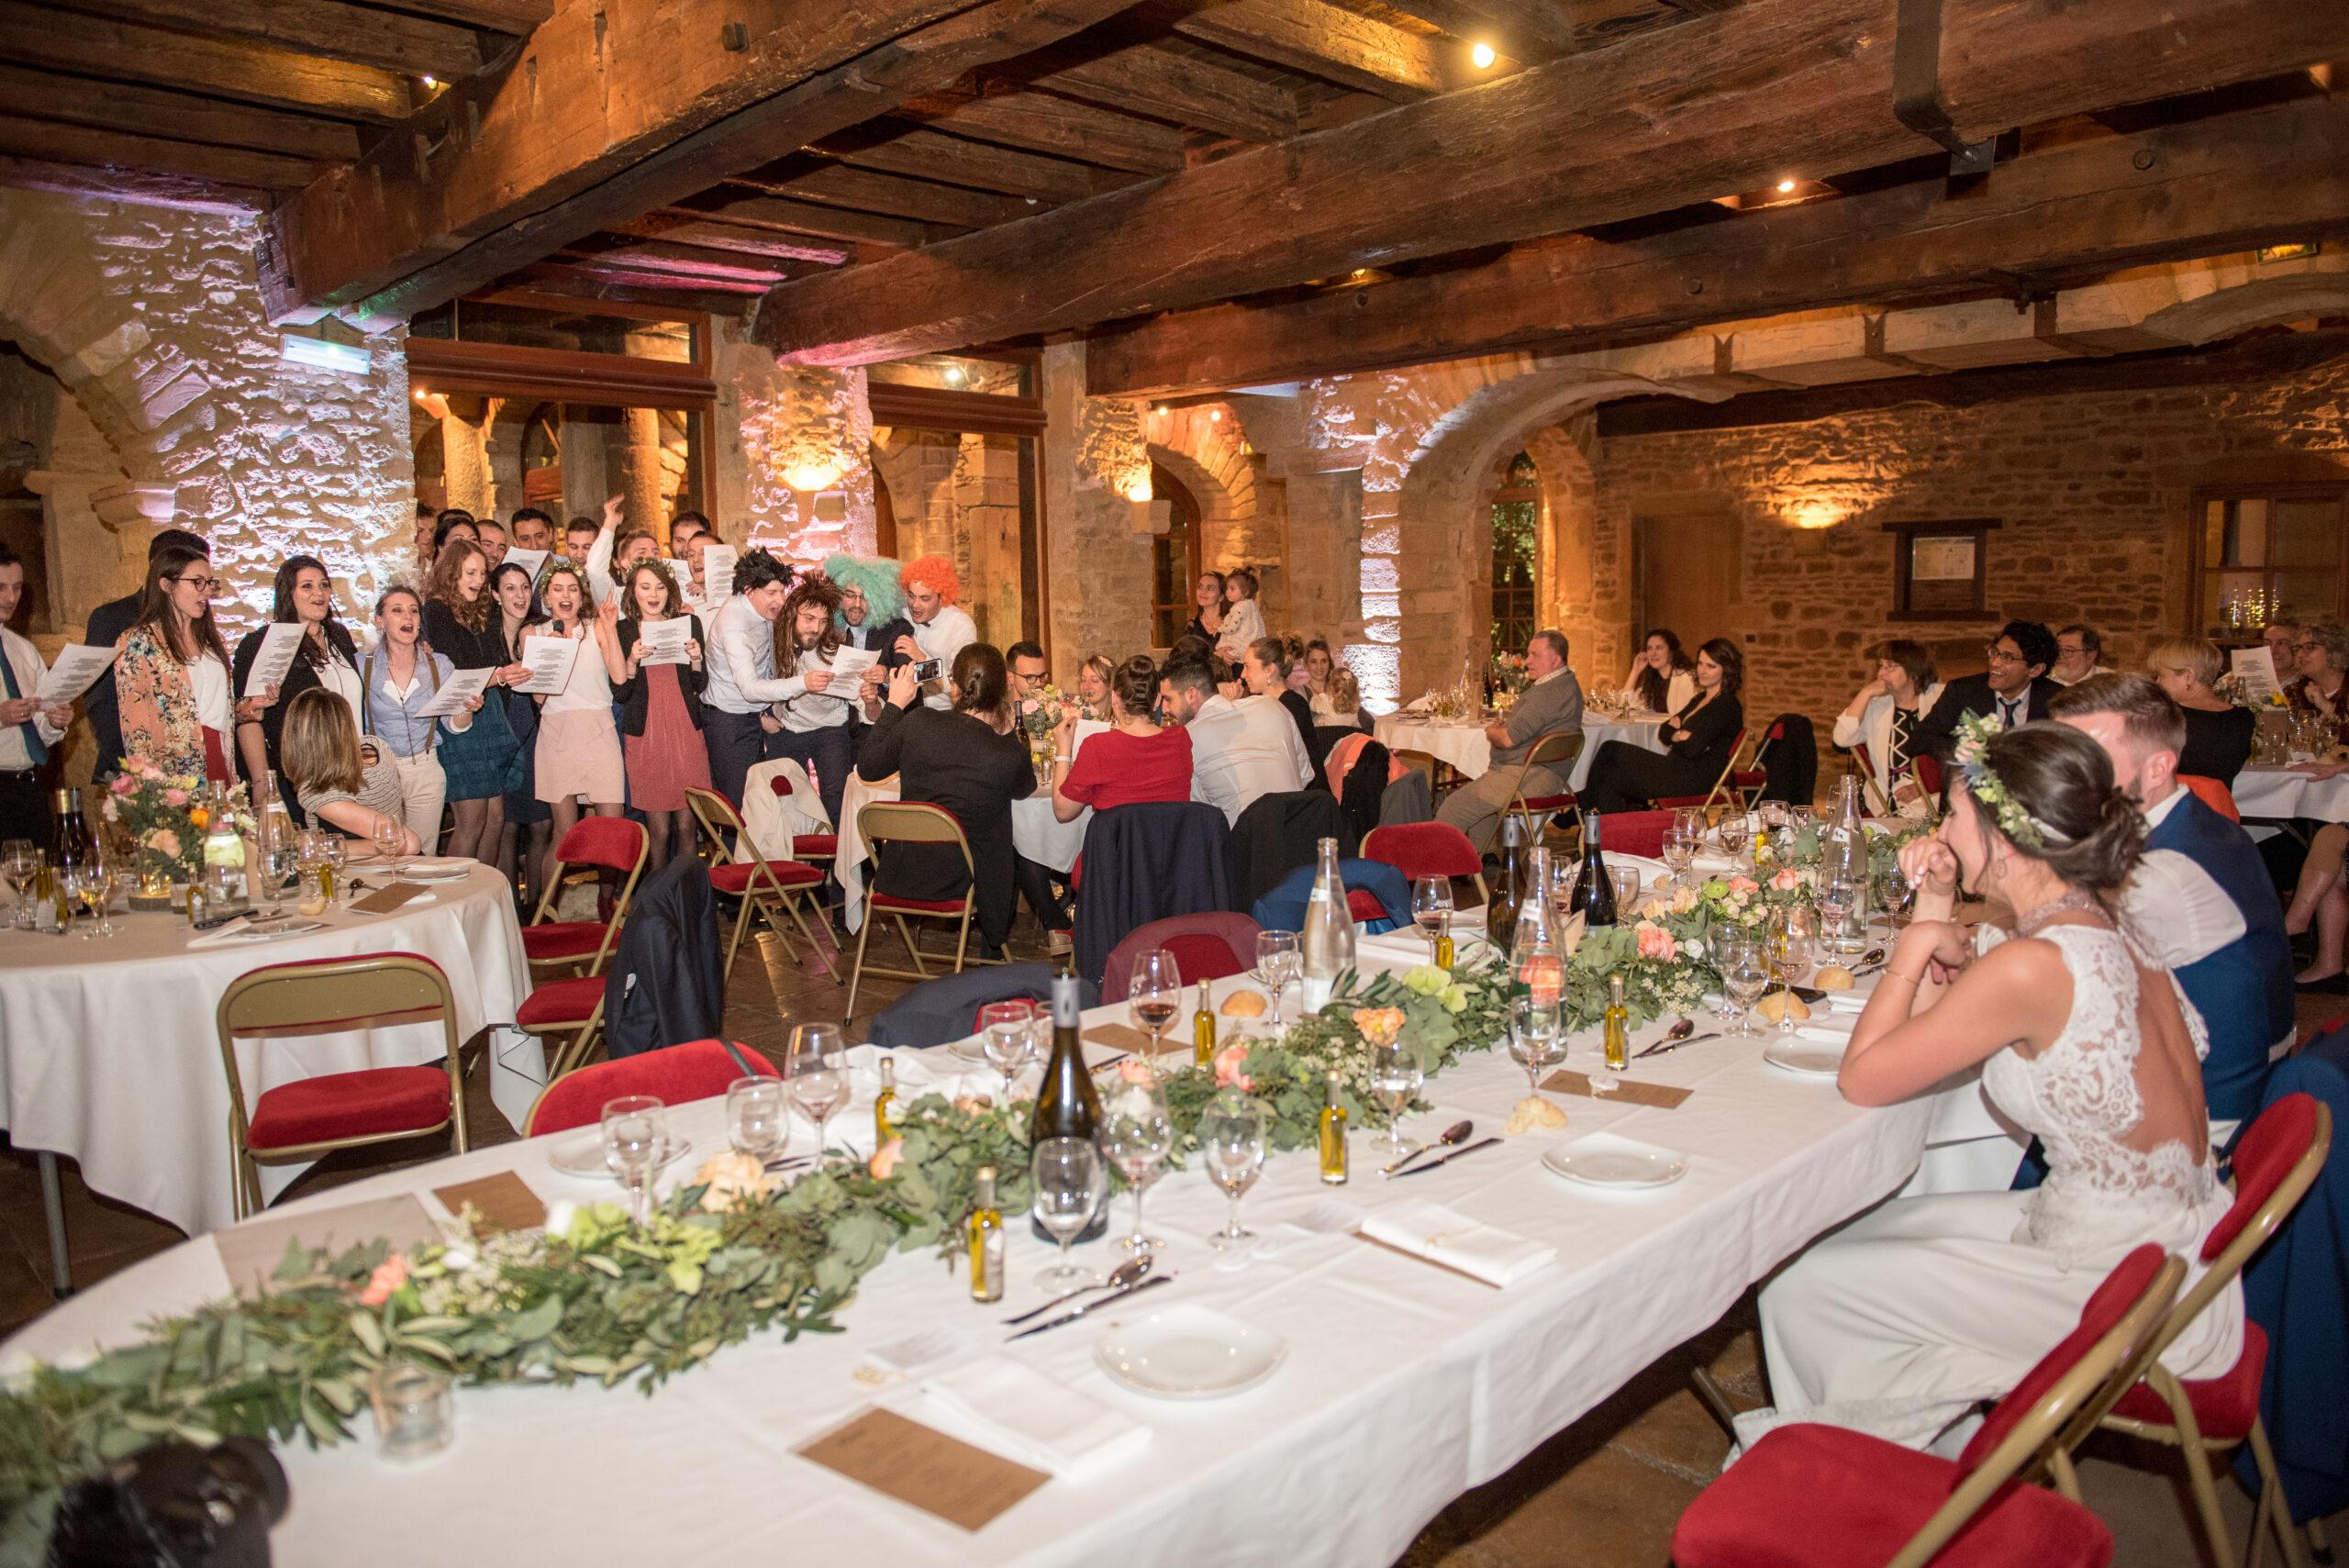 Convives en train de chanter une chanson pour le mariage d'un couple au Domaine de la Ruisselière à Lacenas